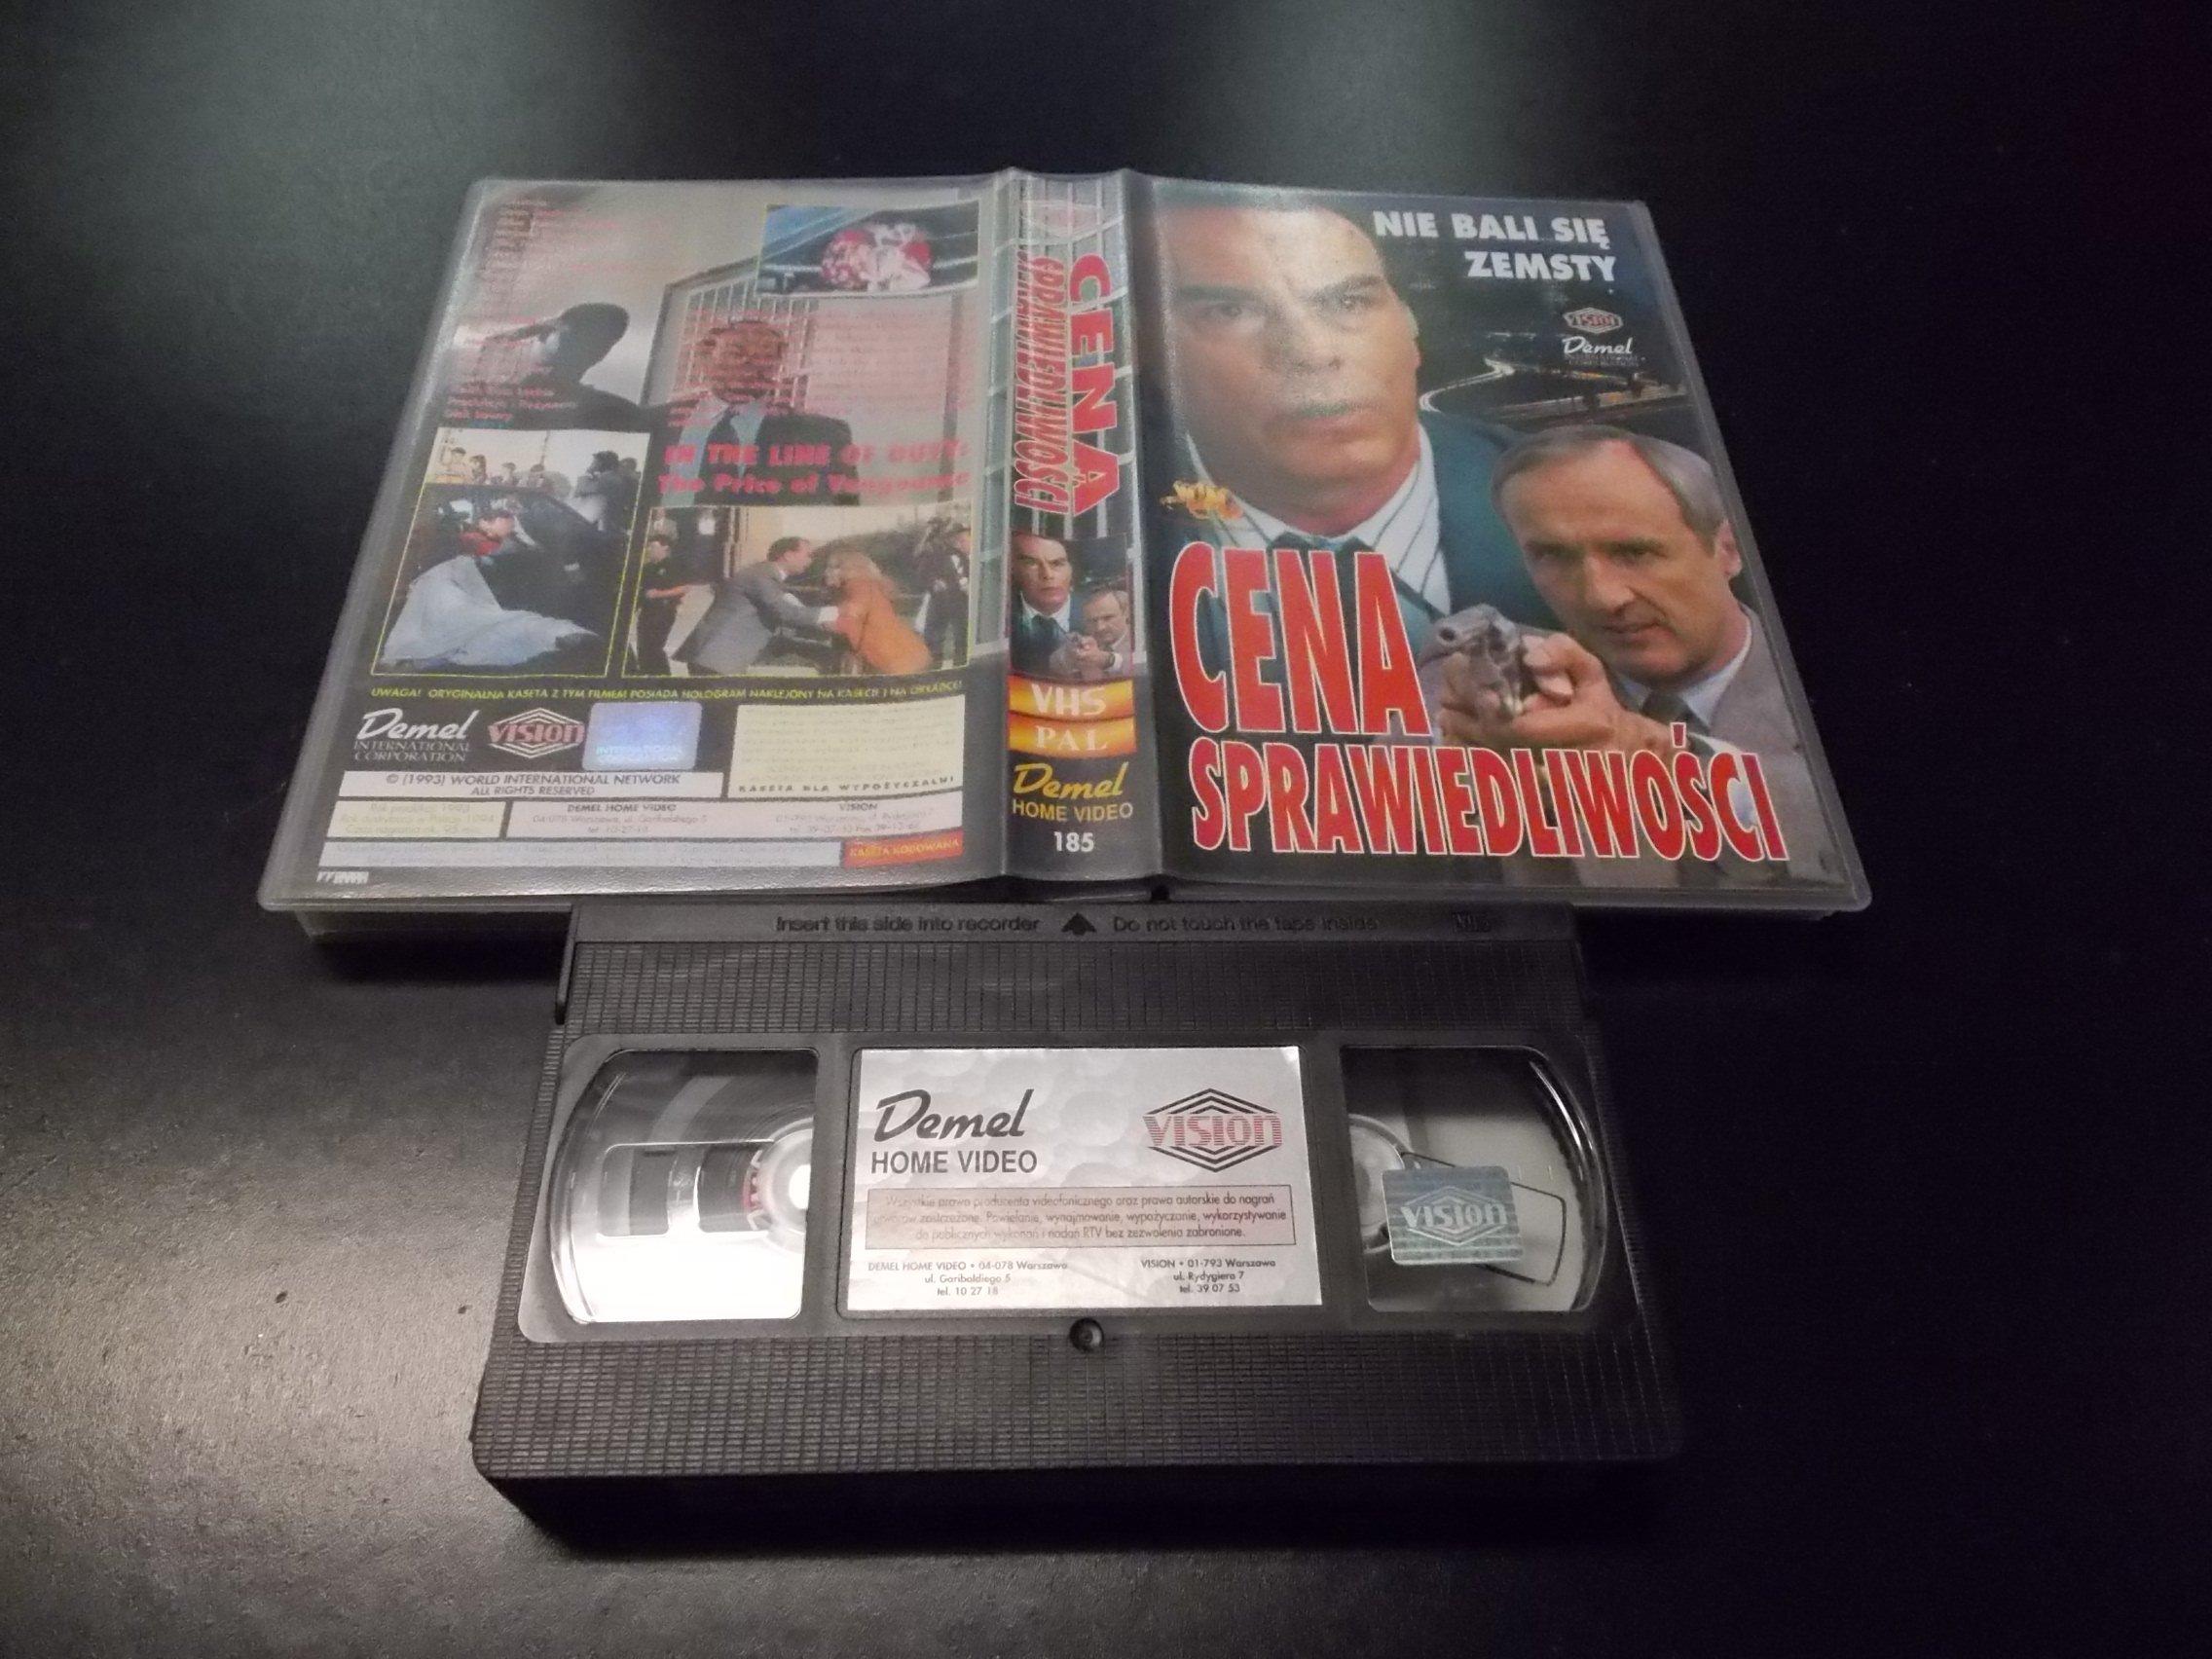 CENA SPRAWIEDLIWOŚCI -  kaseta VHS - 1221 Opole - AlleOpole.pl